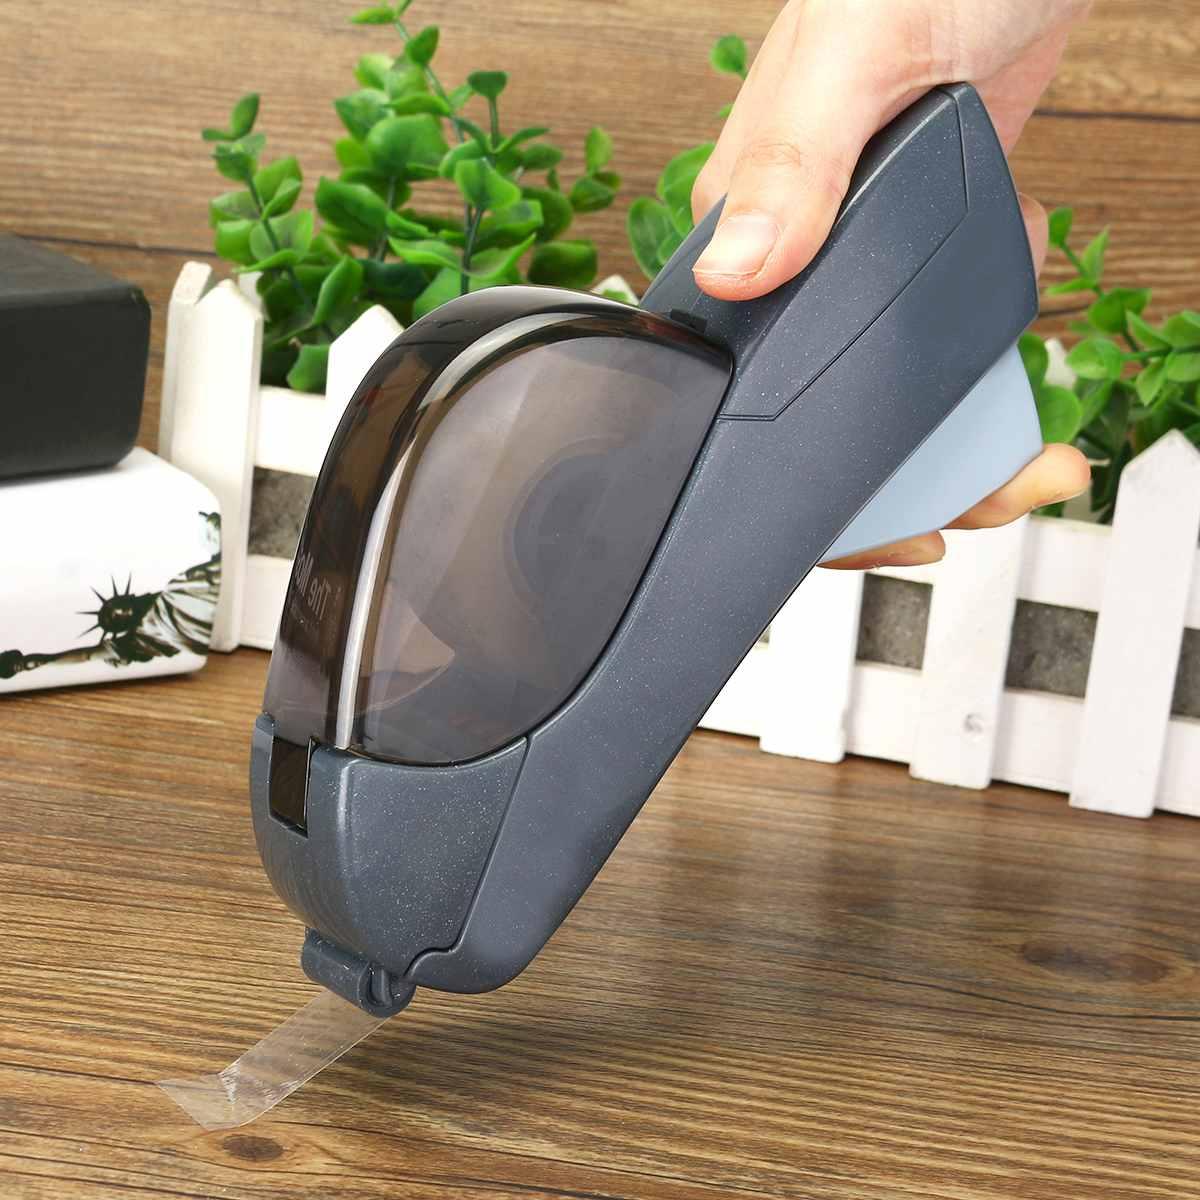 12/19mm Einer Presse Band Dispenser Handheld Klebstoff Halter Verpackung Cutter Werkzeuge Abdichtung Maschine Büro Schule Liefert 2 farben